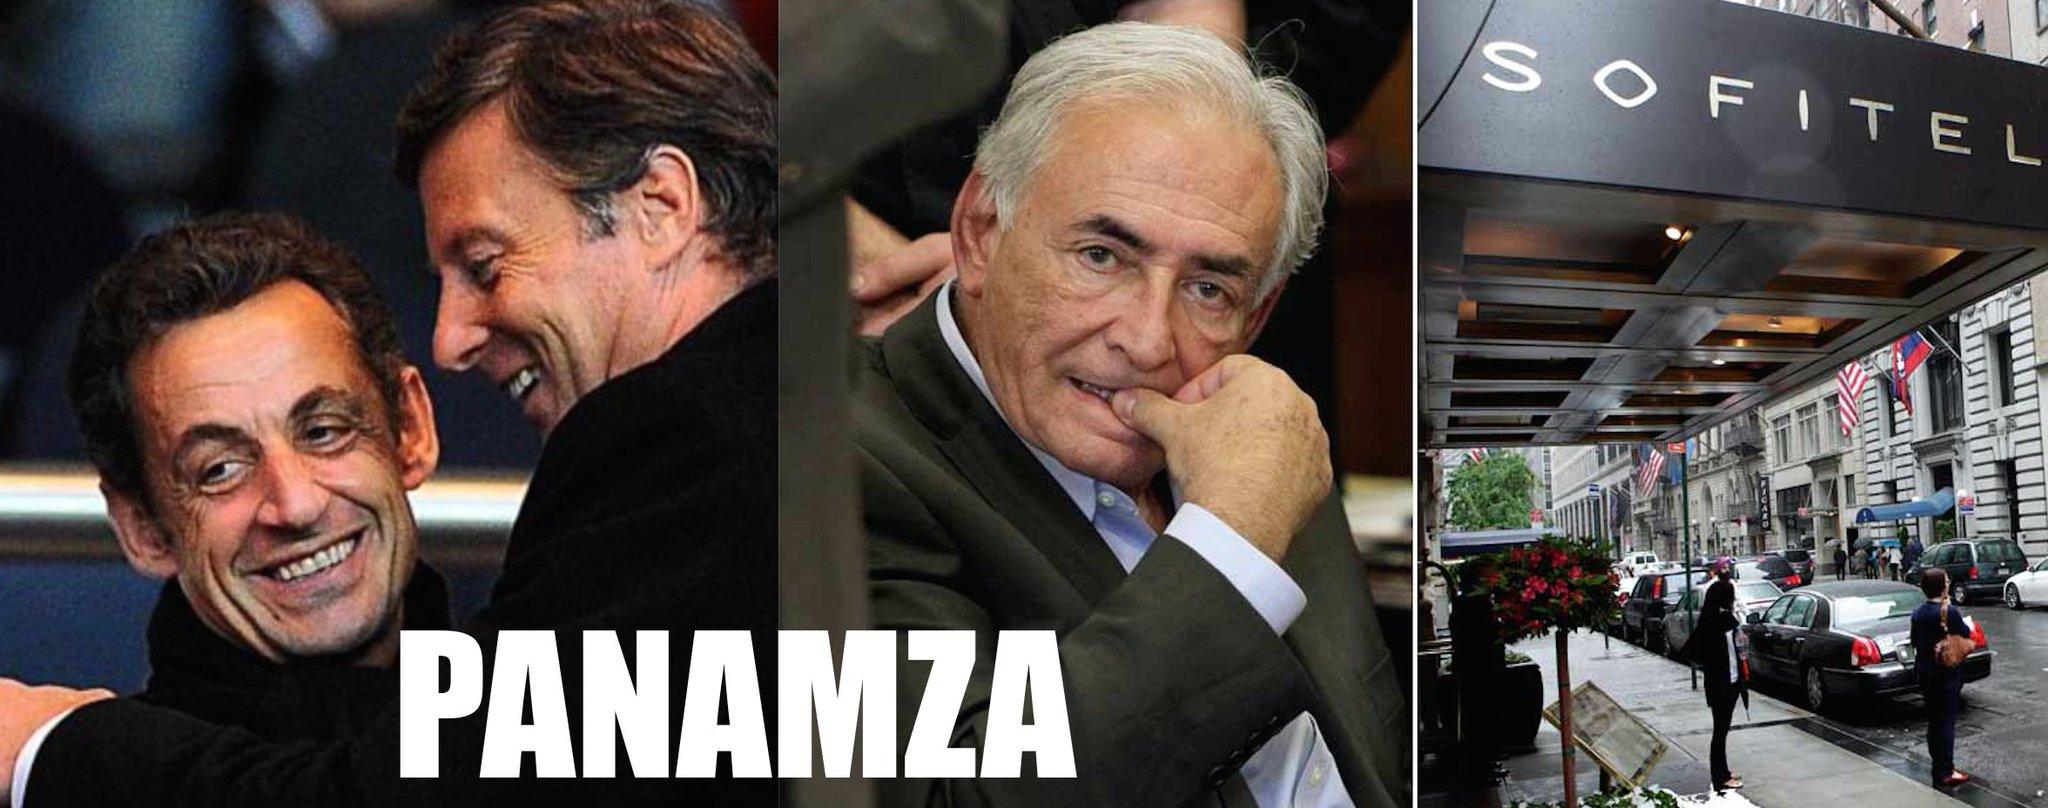 Soupçonné d'avoir joué un rôle occulte dans l'affaire DSK, le groupe AccorHotels recrute Sarkozy